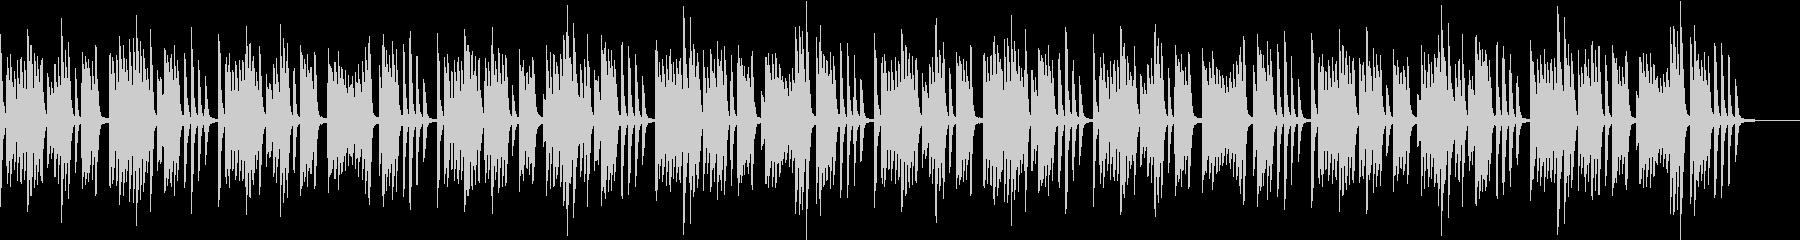 明るく可愛らしいコミカルなピアノのBGMの未再生の波形